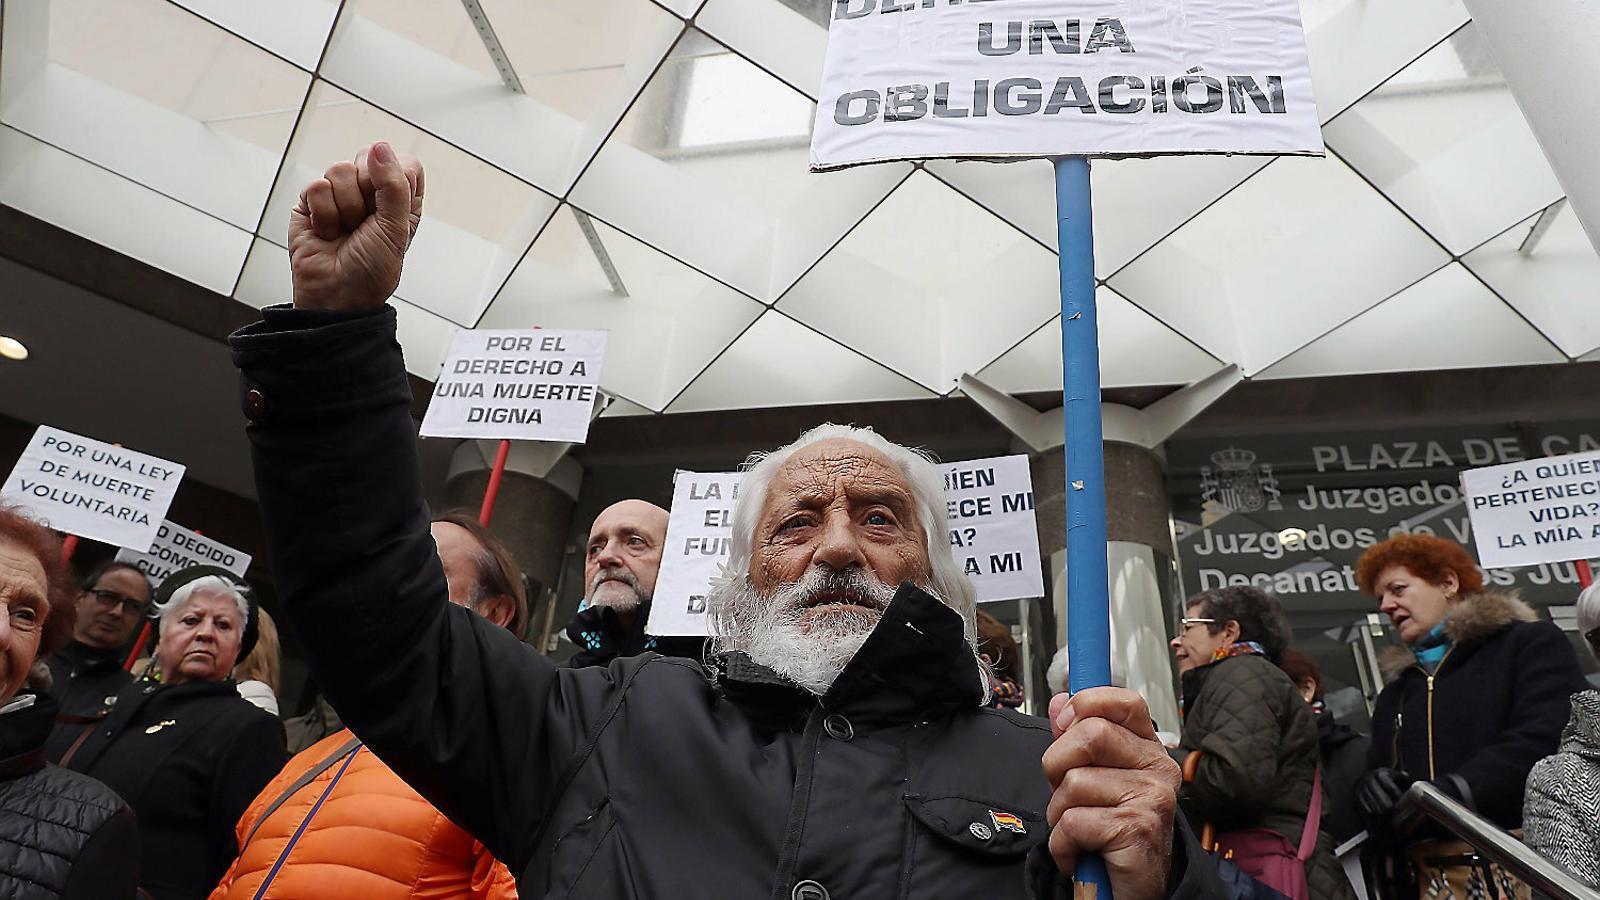 El cas d'eutanàsia que divideix els francesos arriba a la setmana decisiva